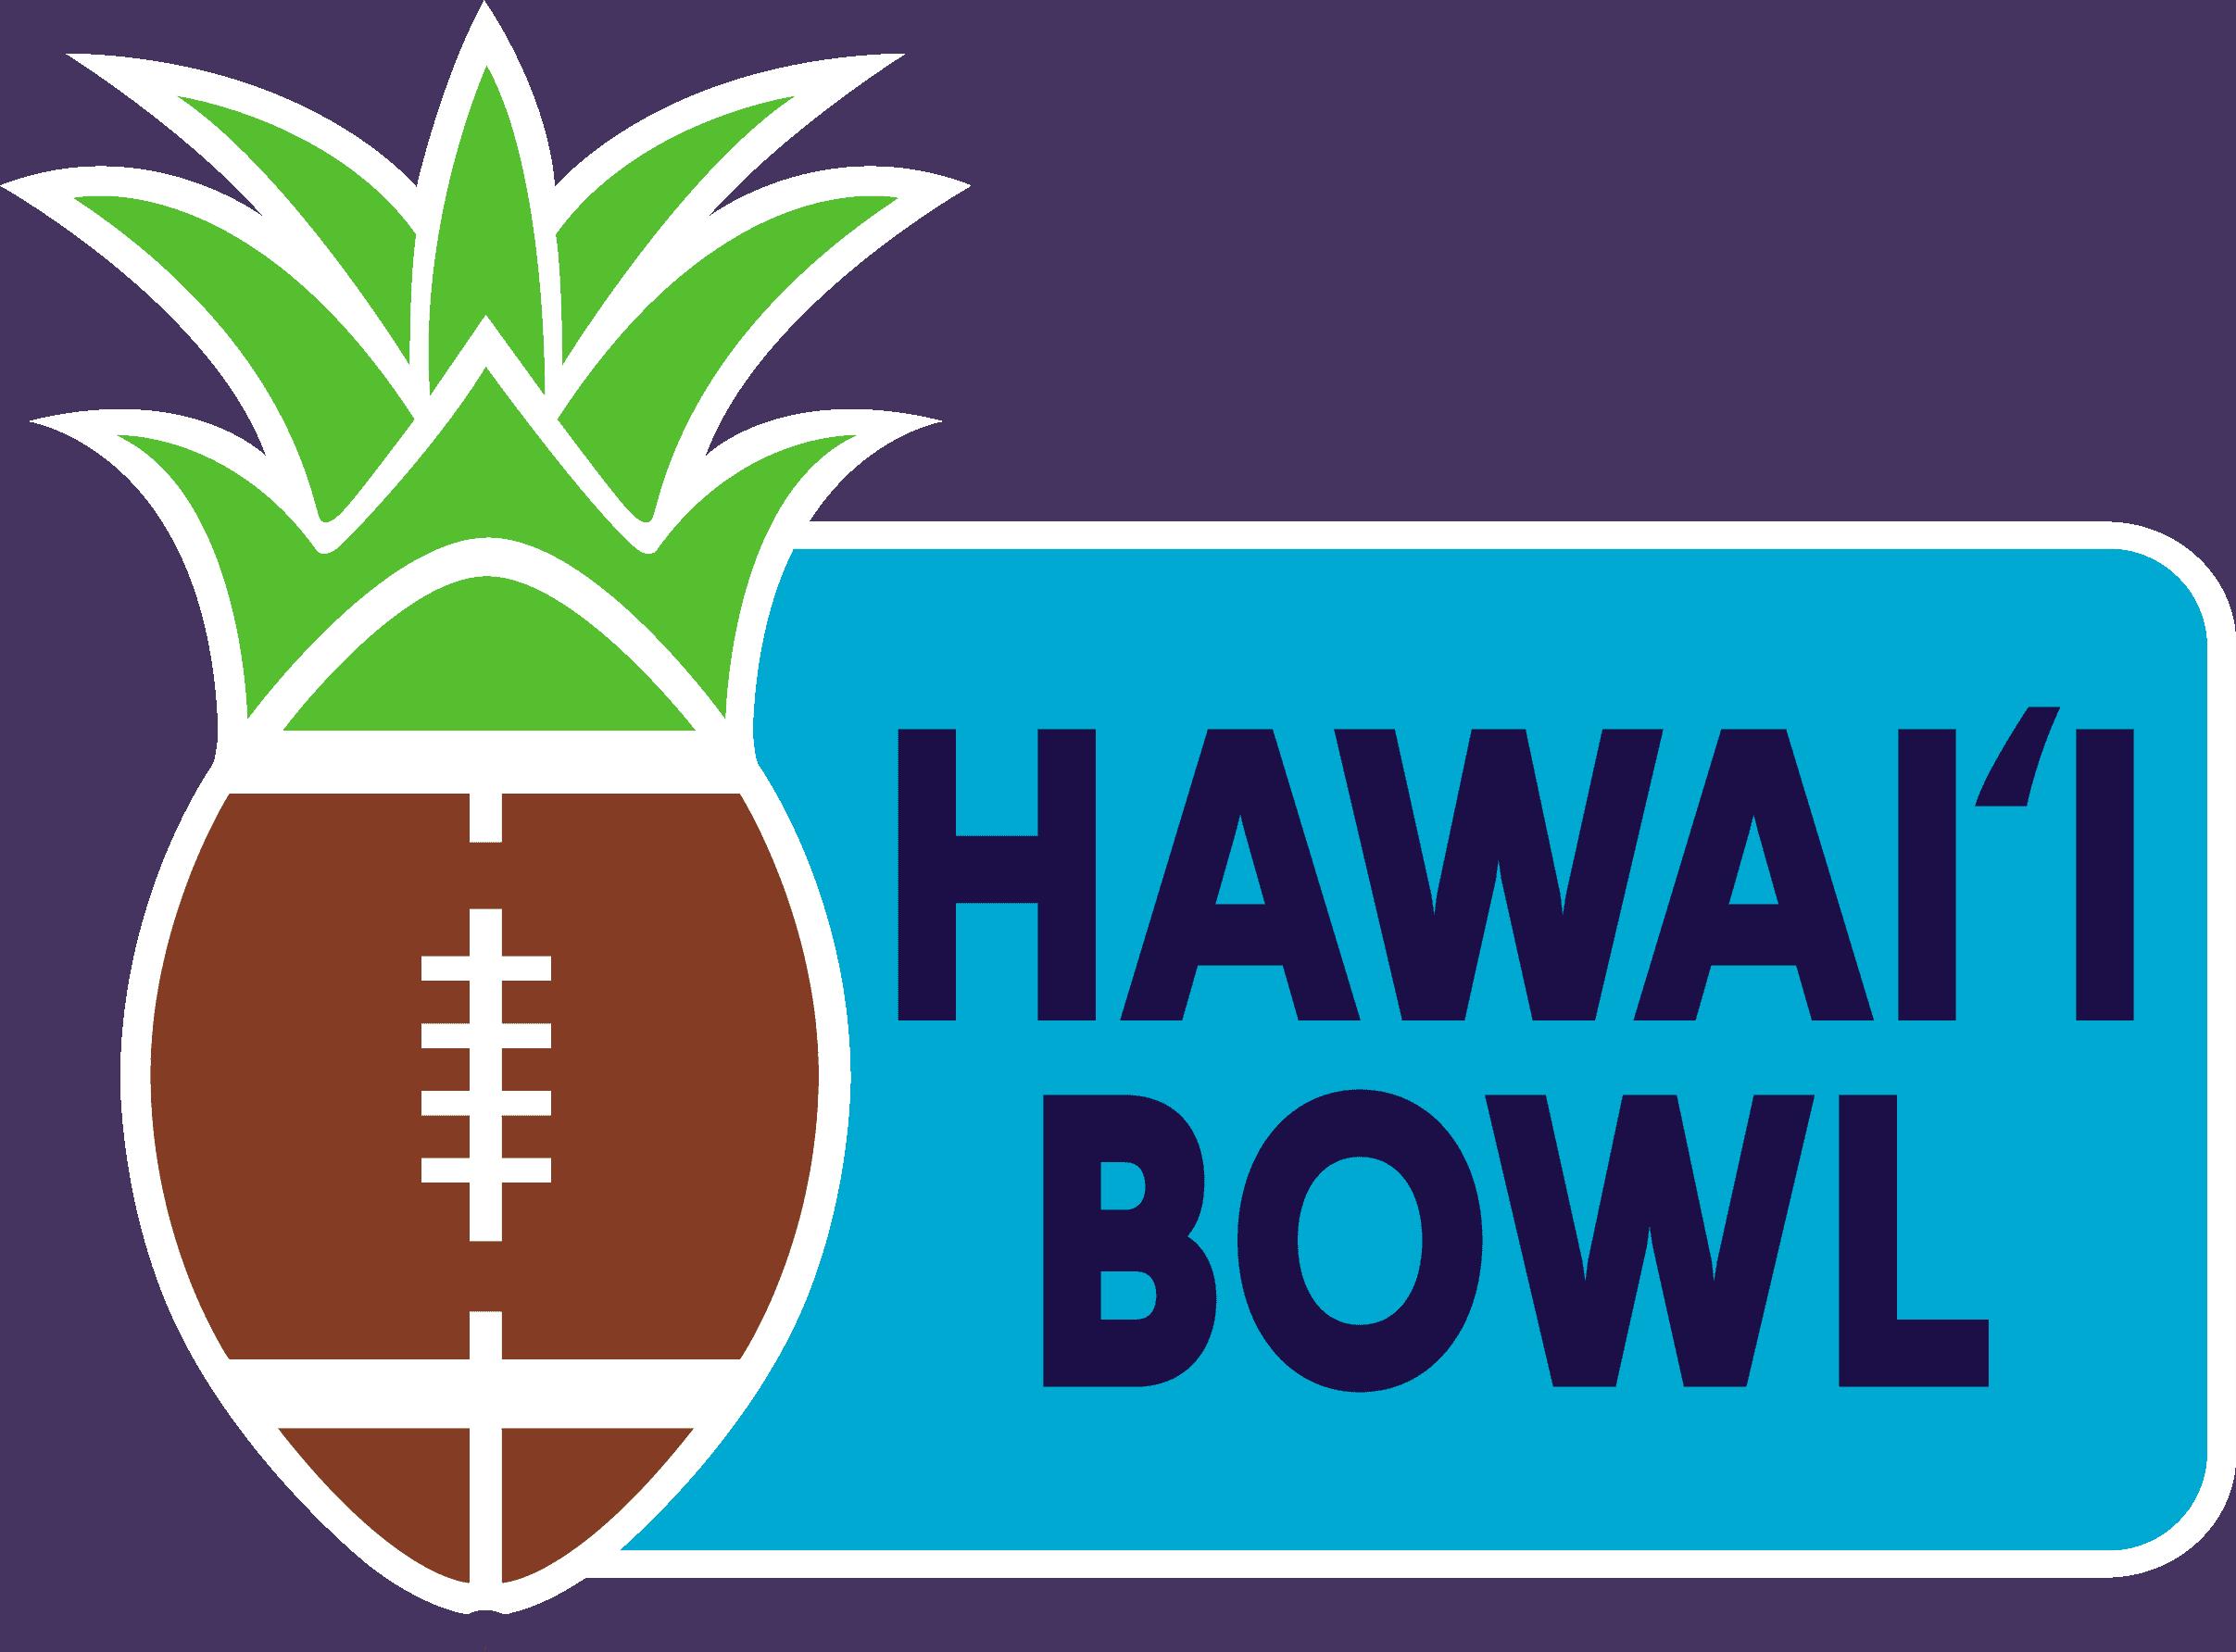 Hawaii Bowl odds